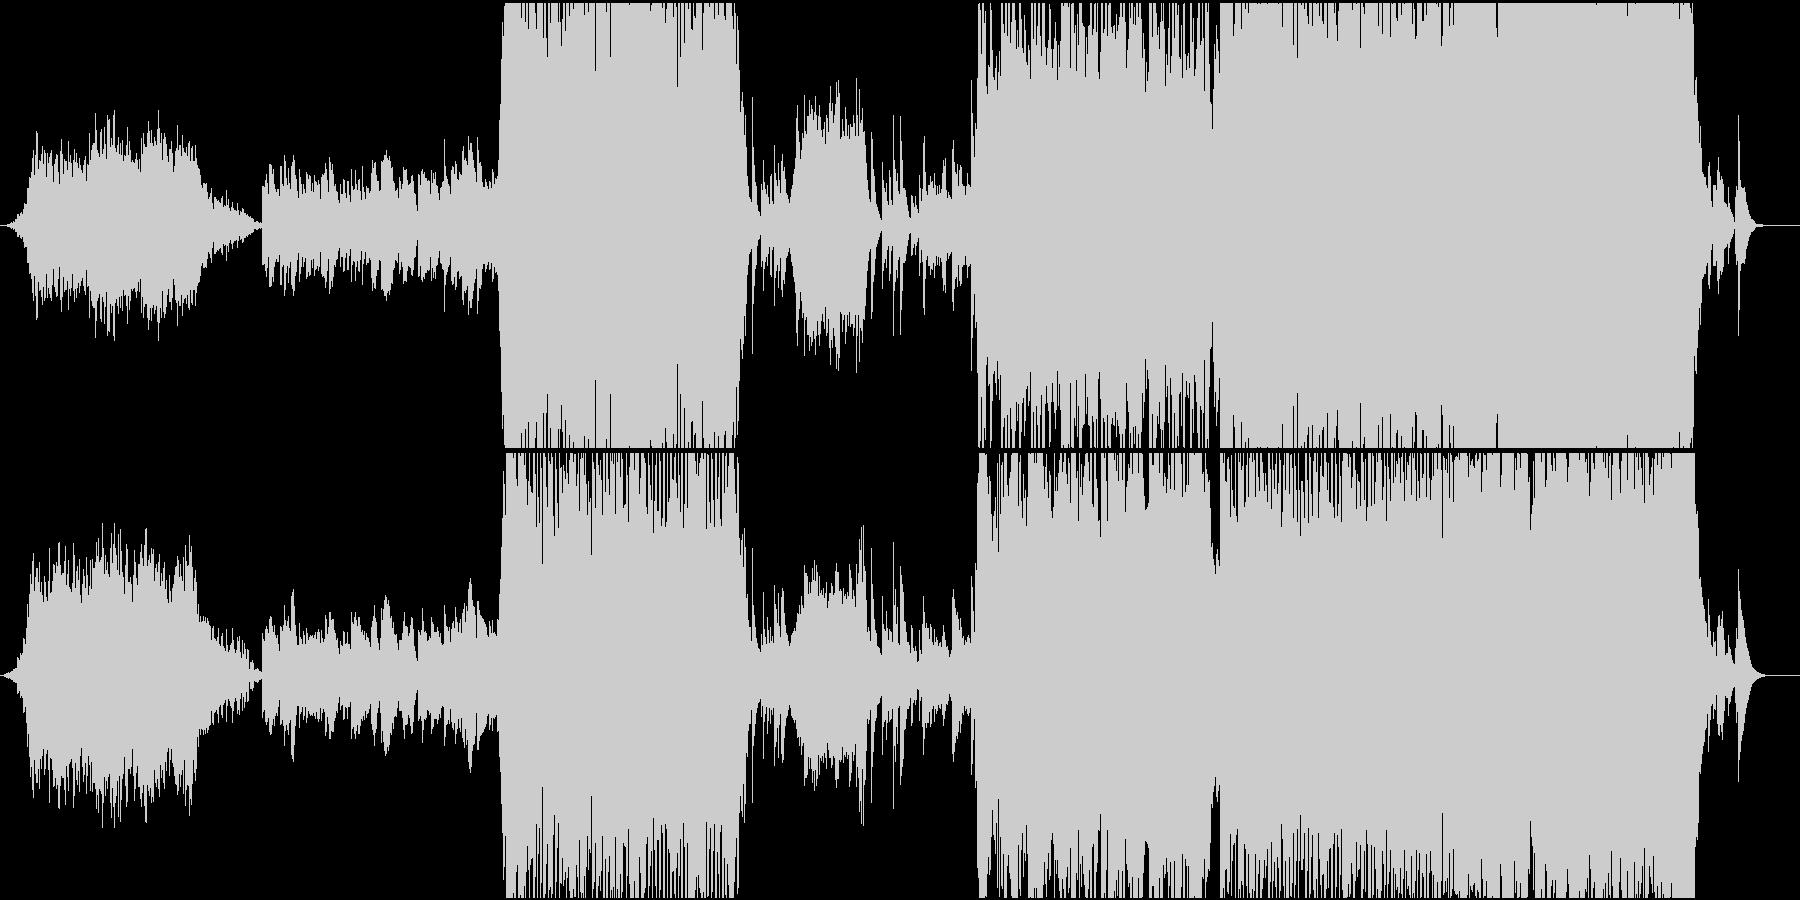 寺院をイメージした和風オーケストラの未再生の波形